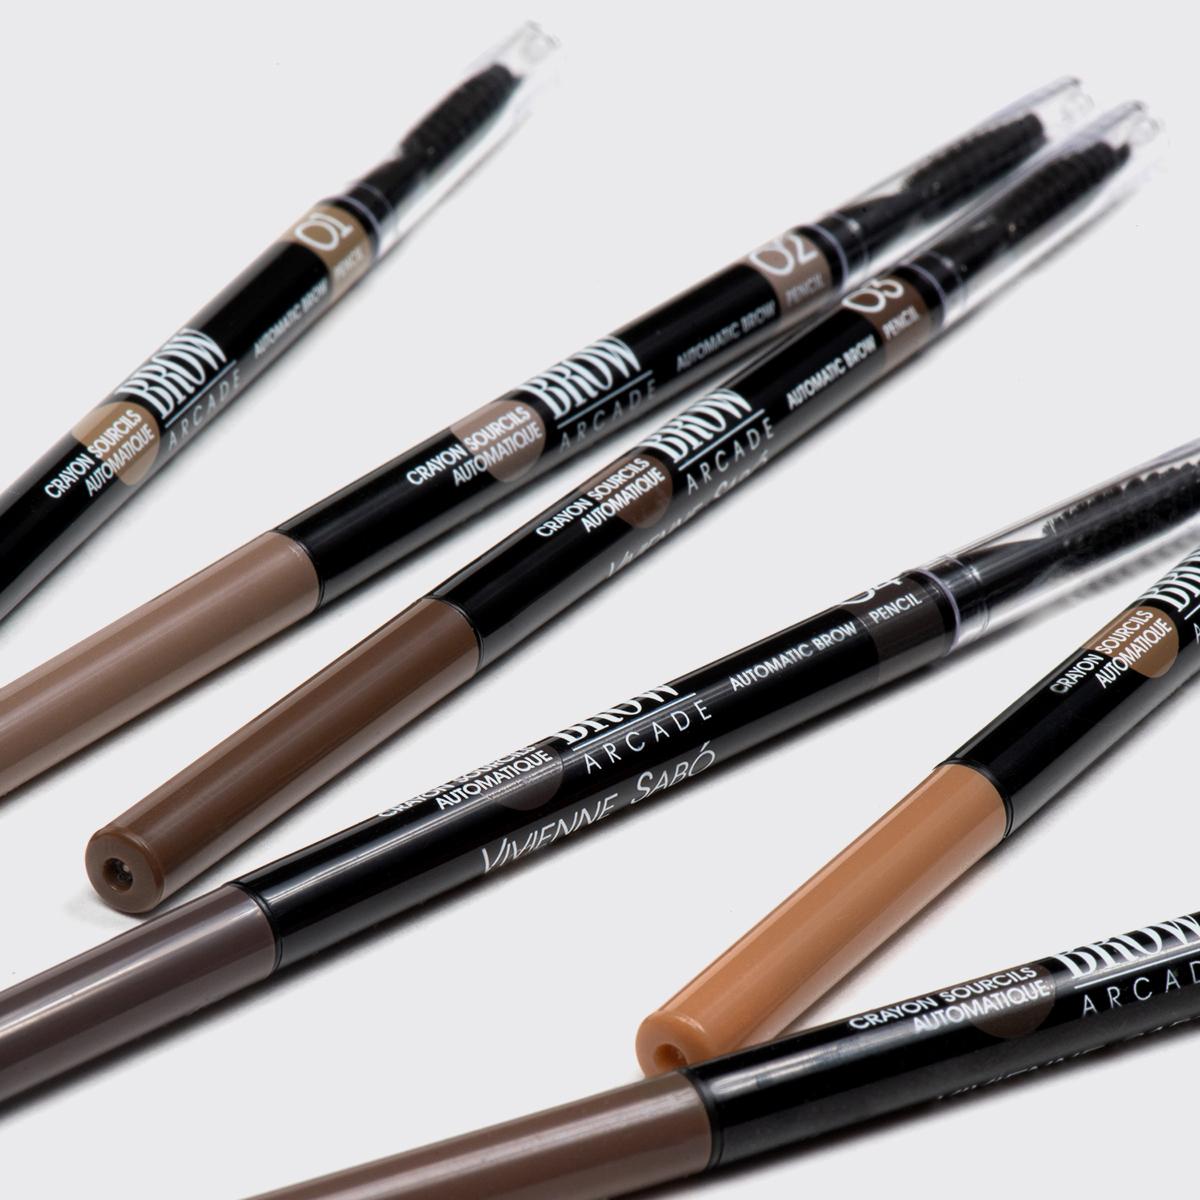 Vivienne Sabo - Automatic Brow Pencil BROW ARCADE